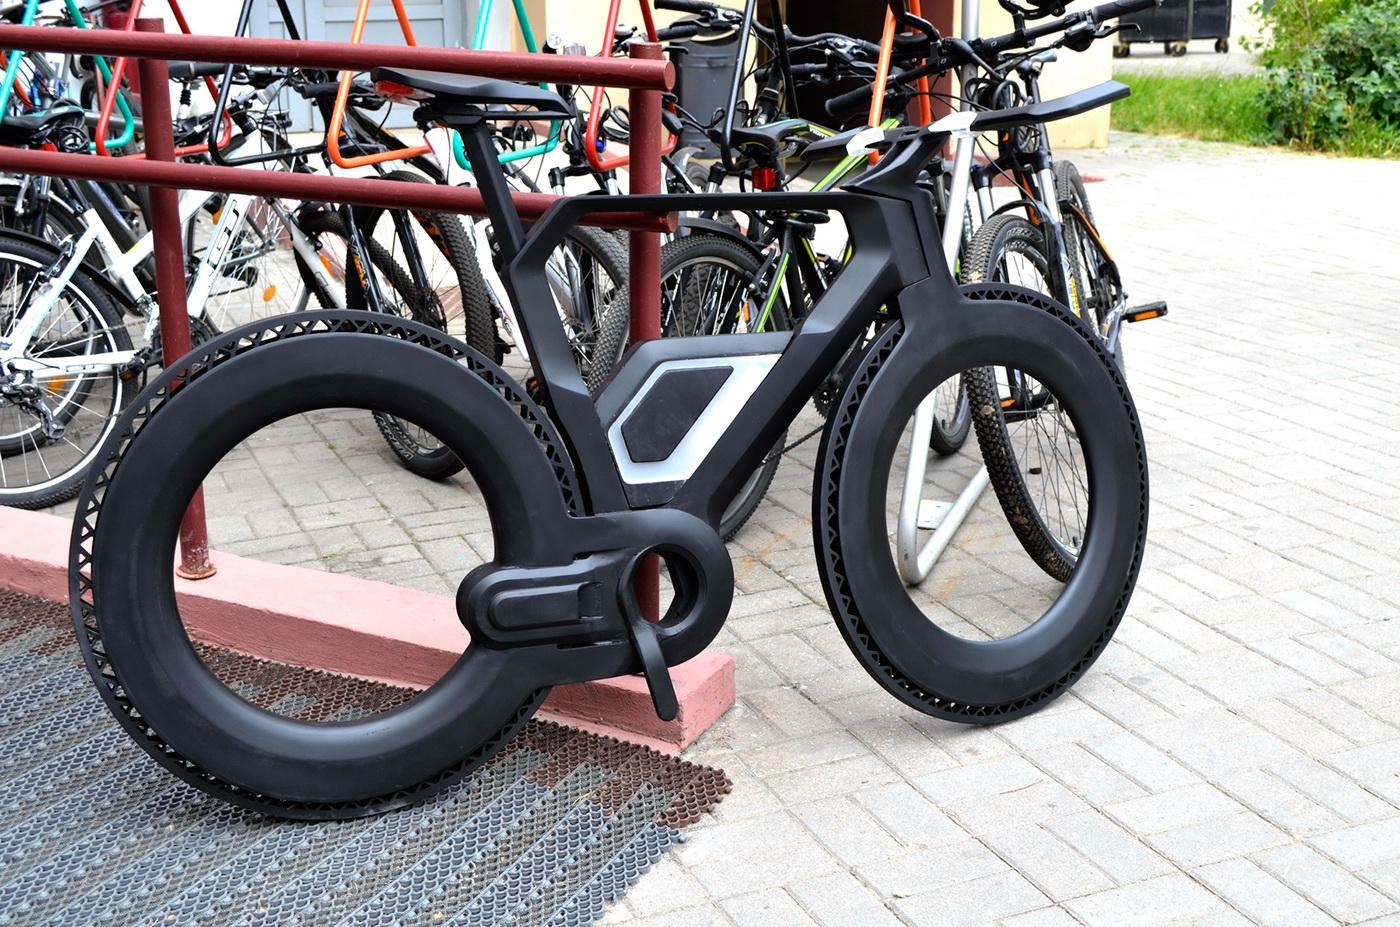 Dise 241 O Industrial Y Bicicletas La Alternativa En El